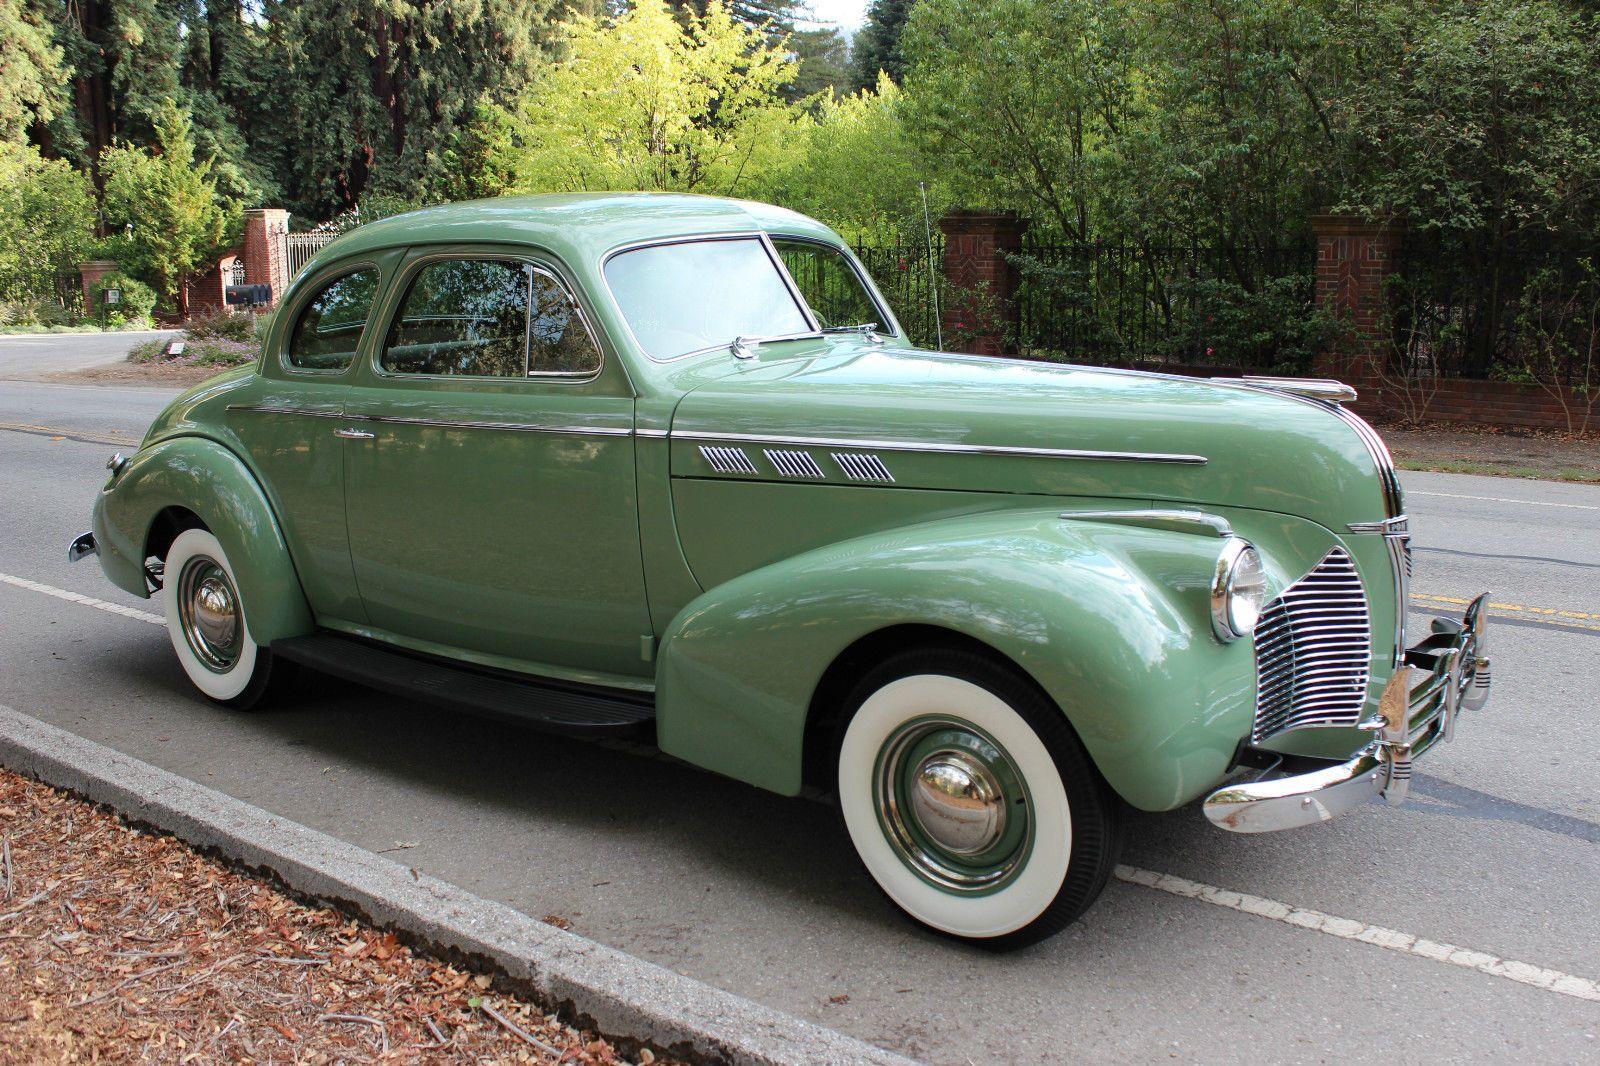 1940 Pontiac American classic cars, Pontiac, Pontiac cars